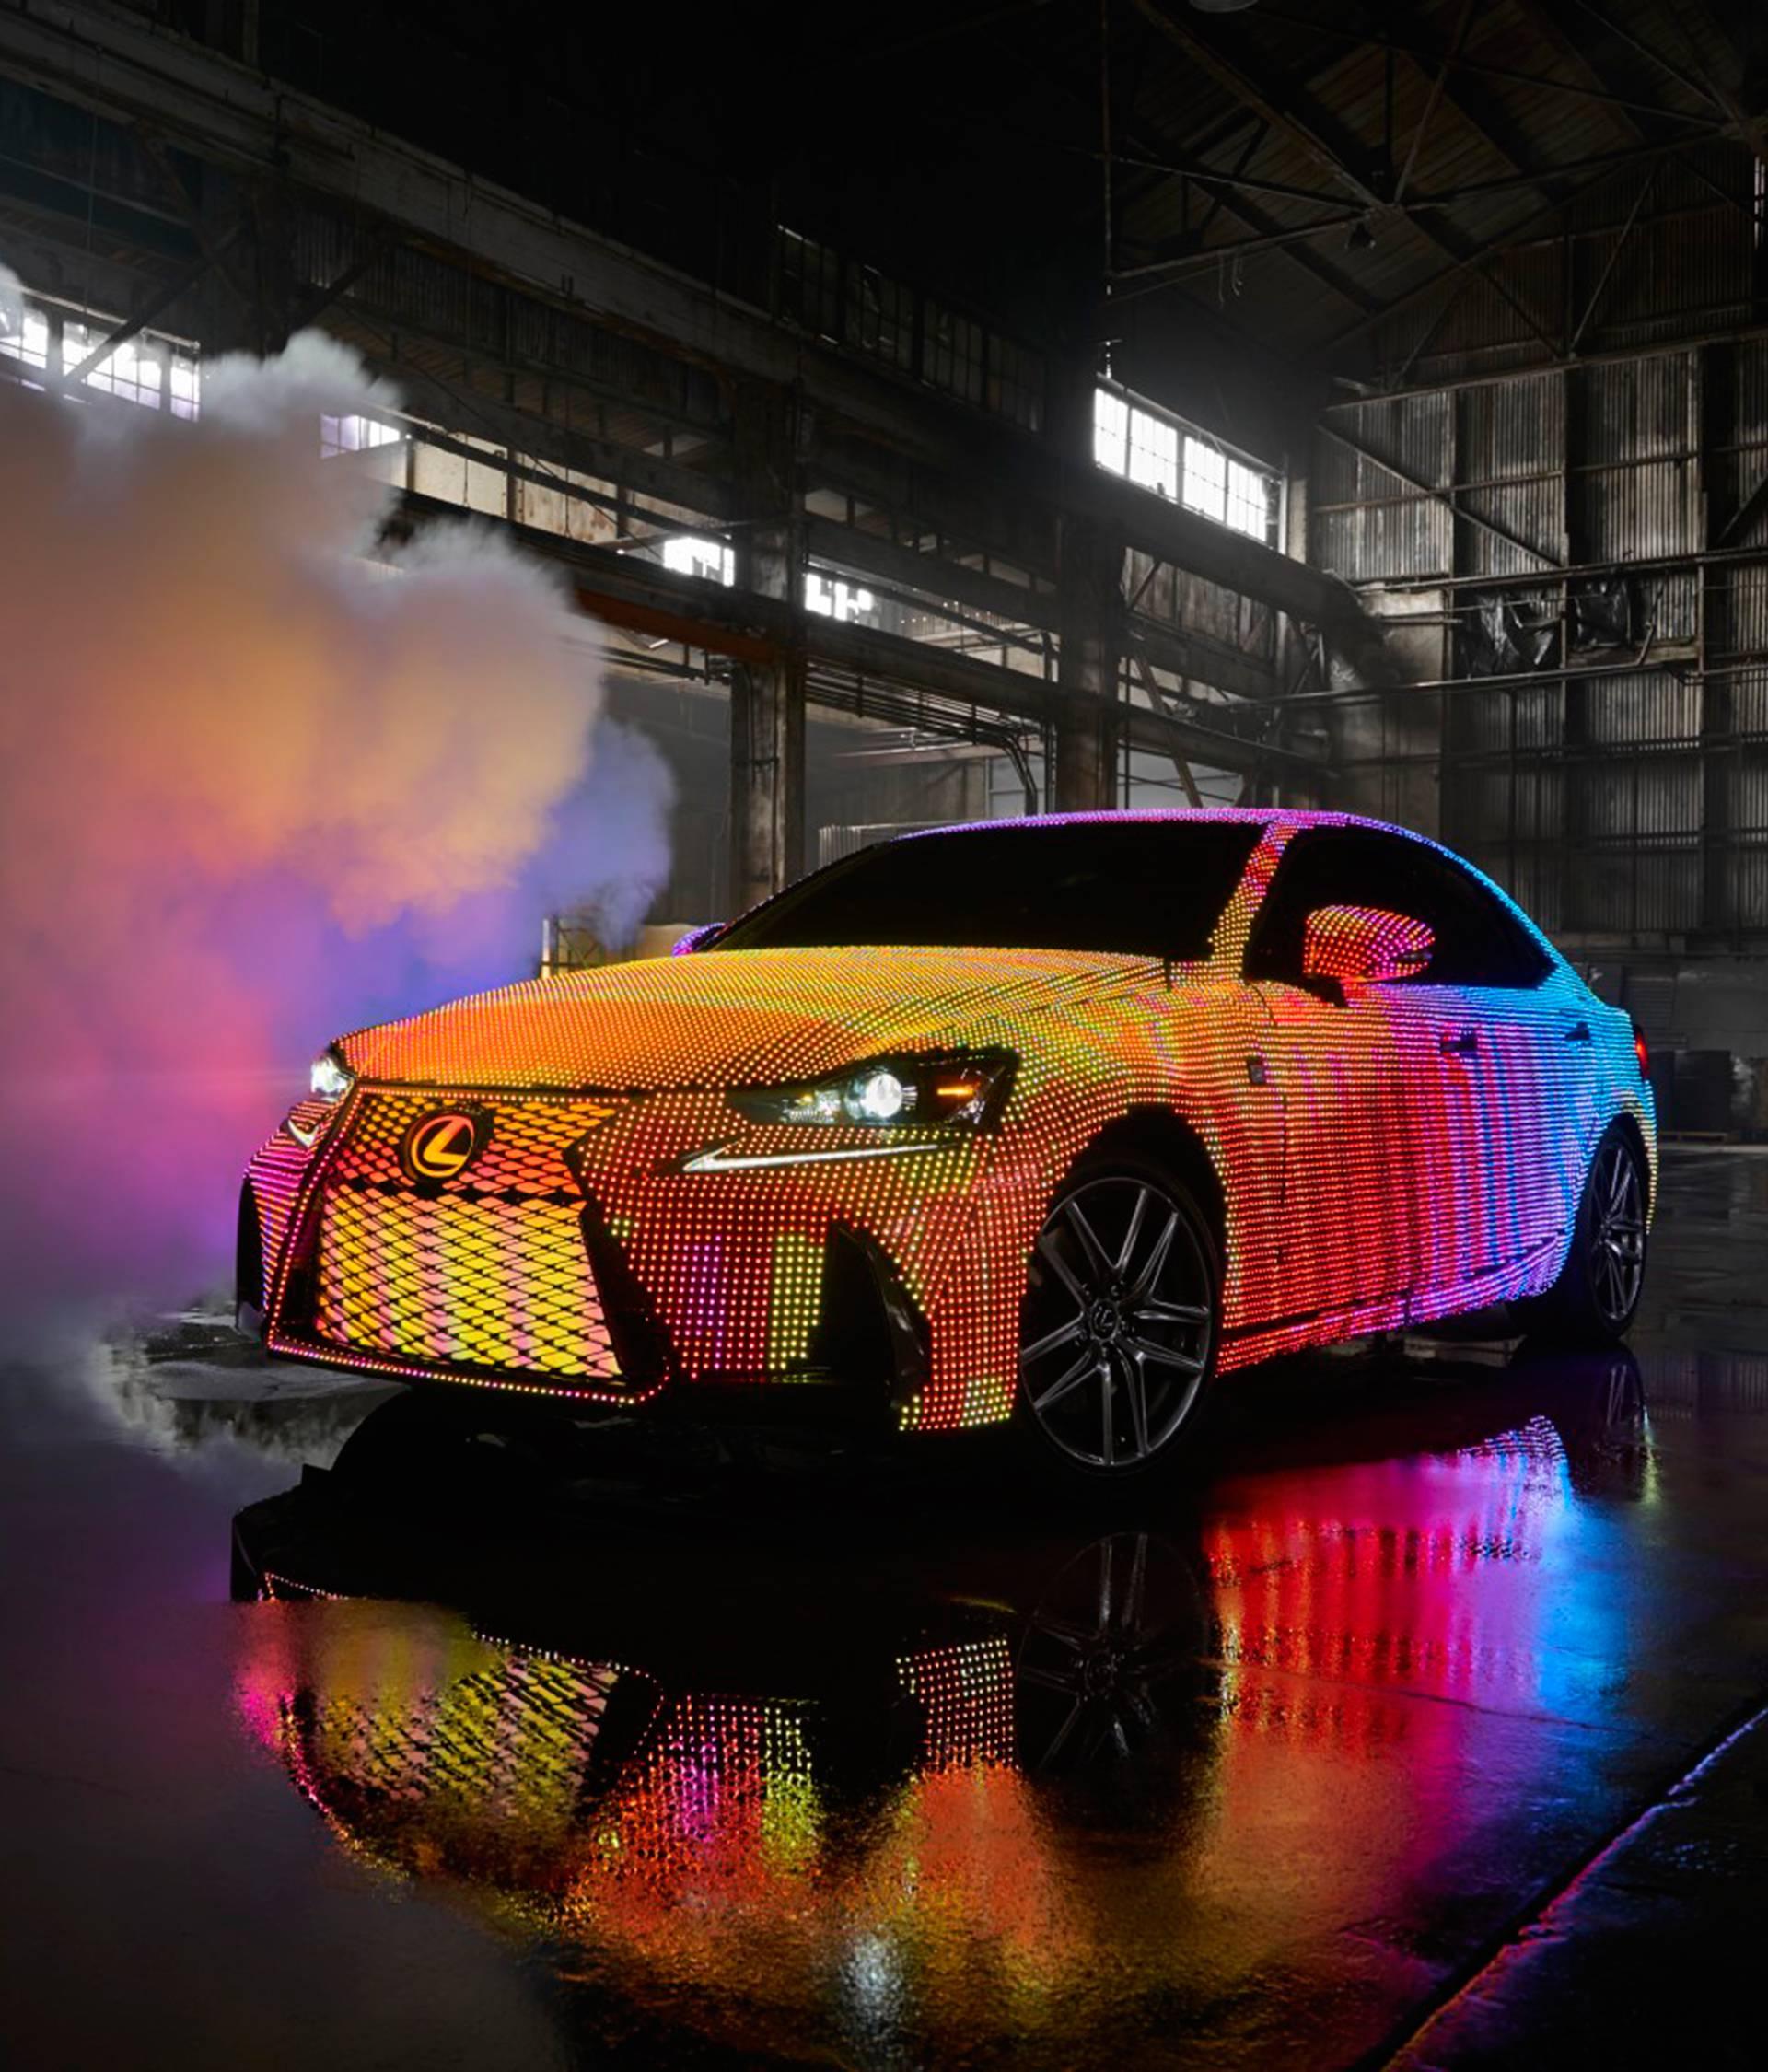 San svakog tunera: U Lexusu stavili 41.999 LED-ica na auto